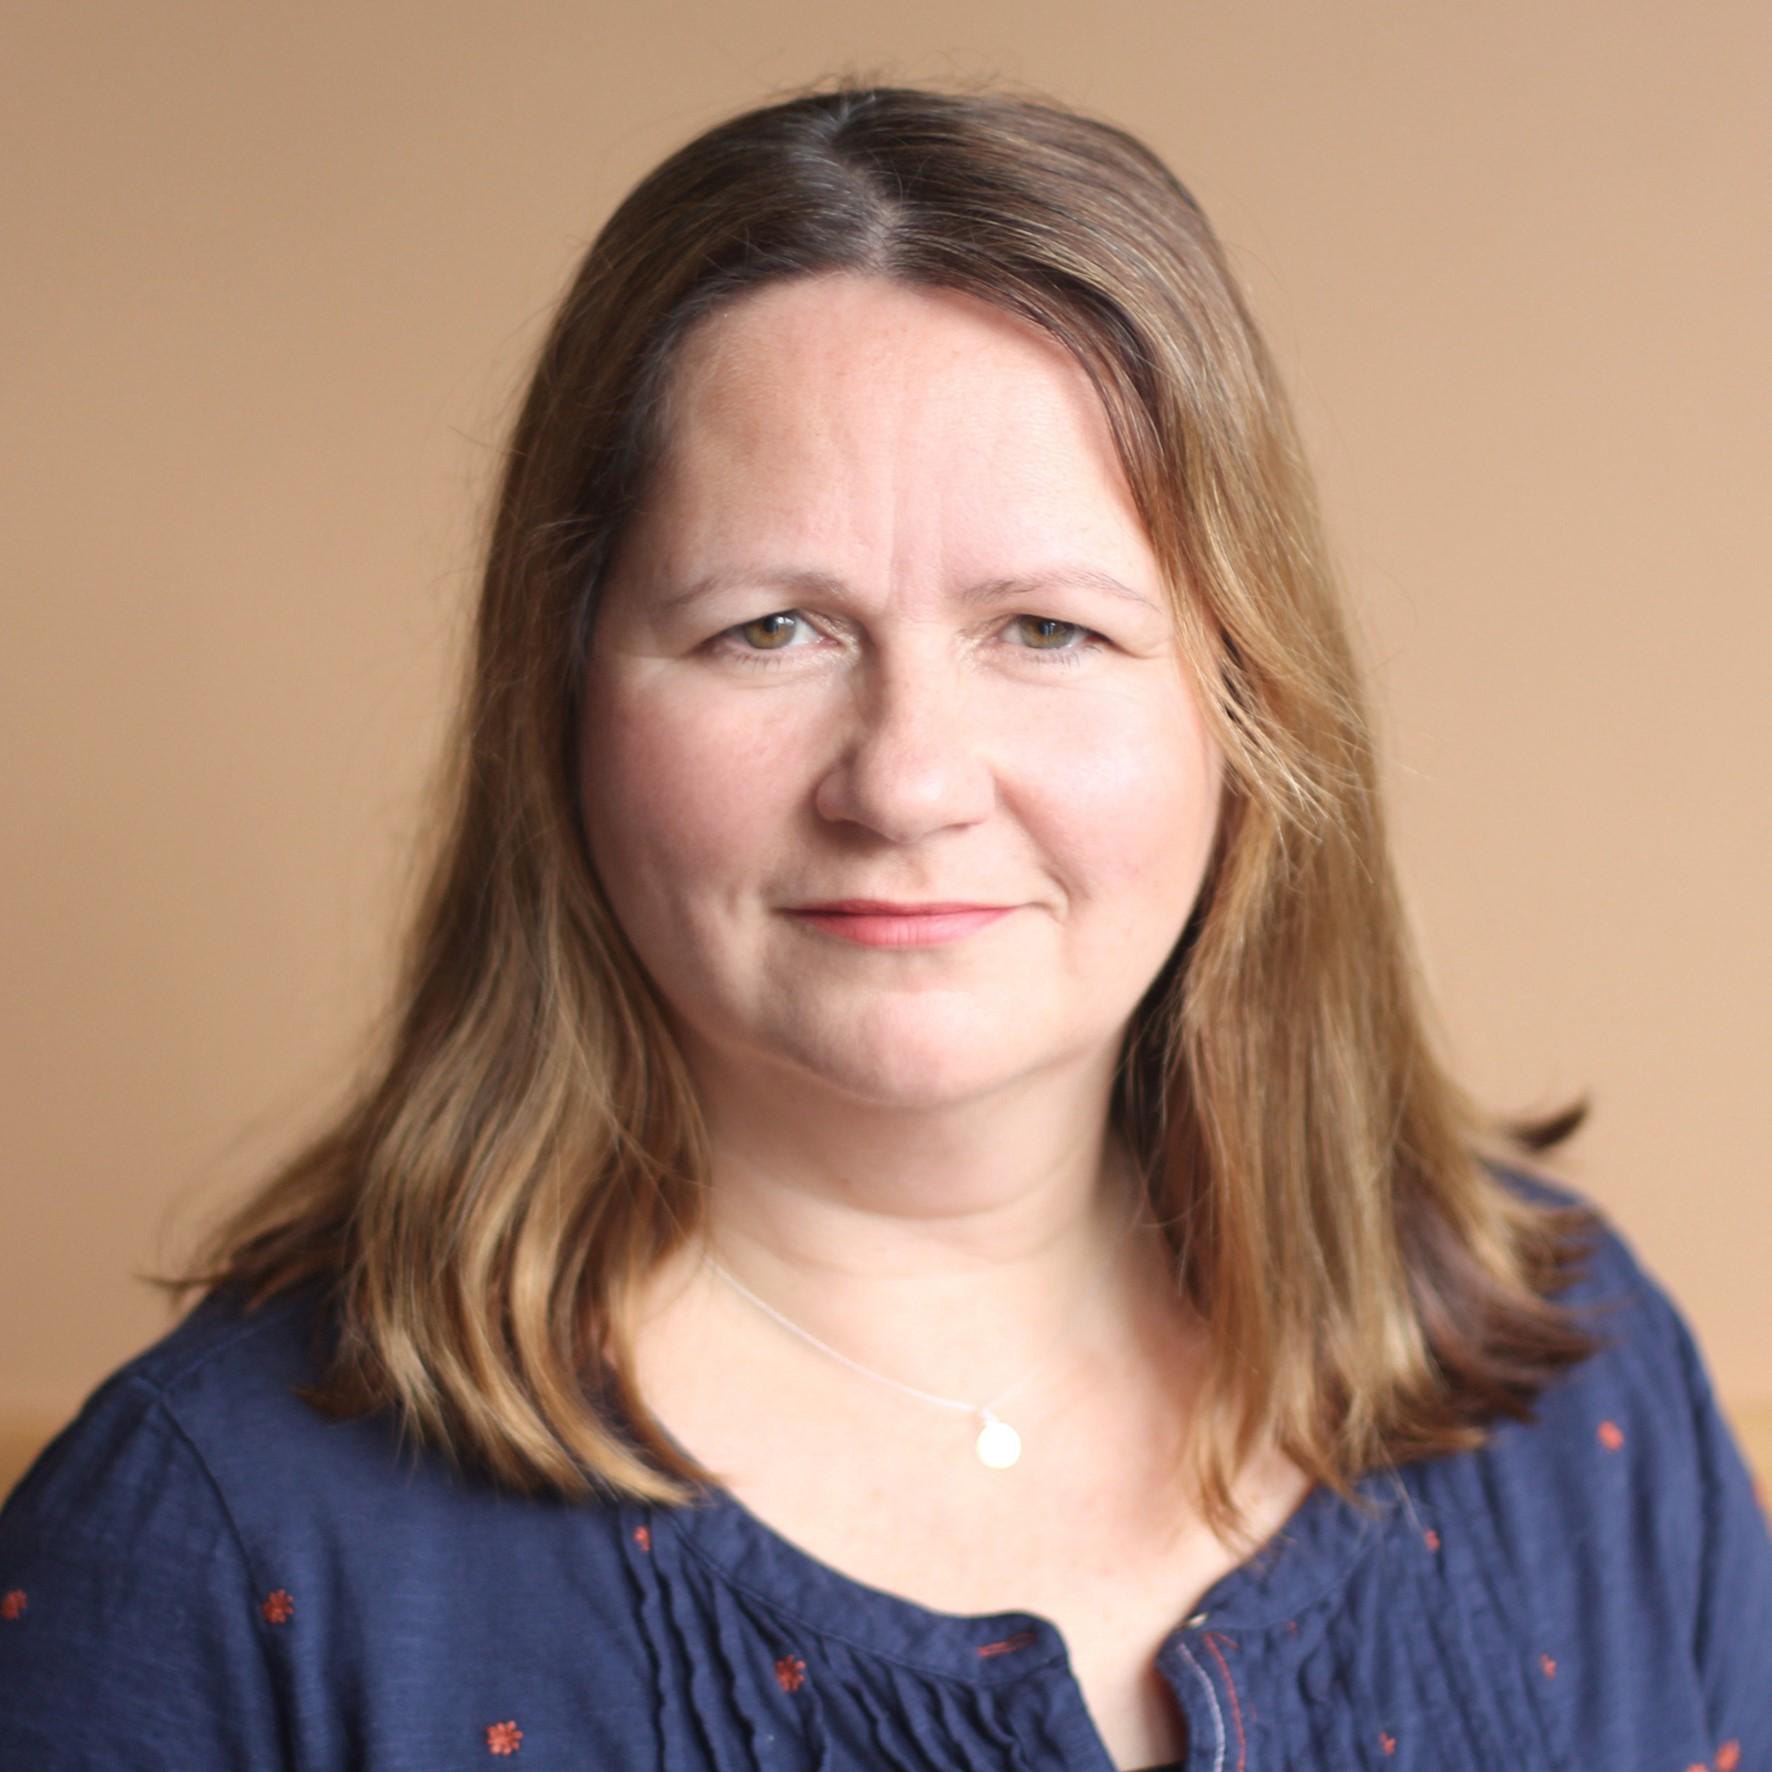 Sarah Holburn